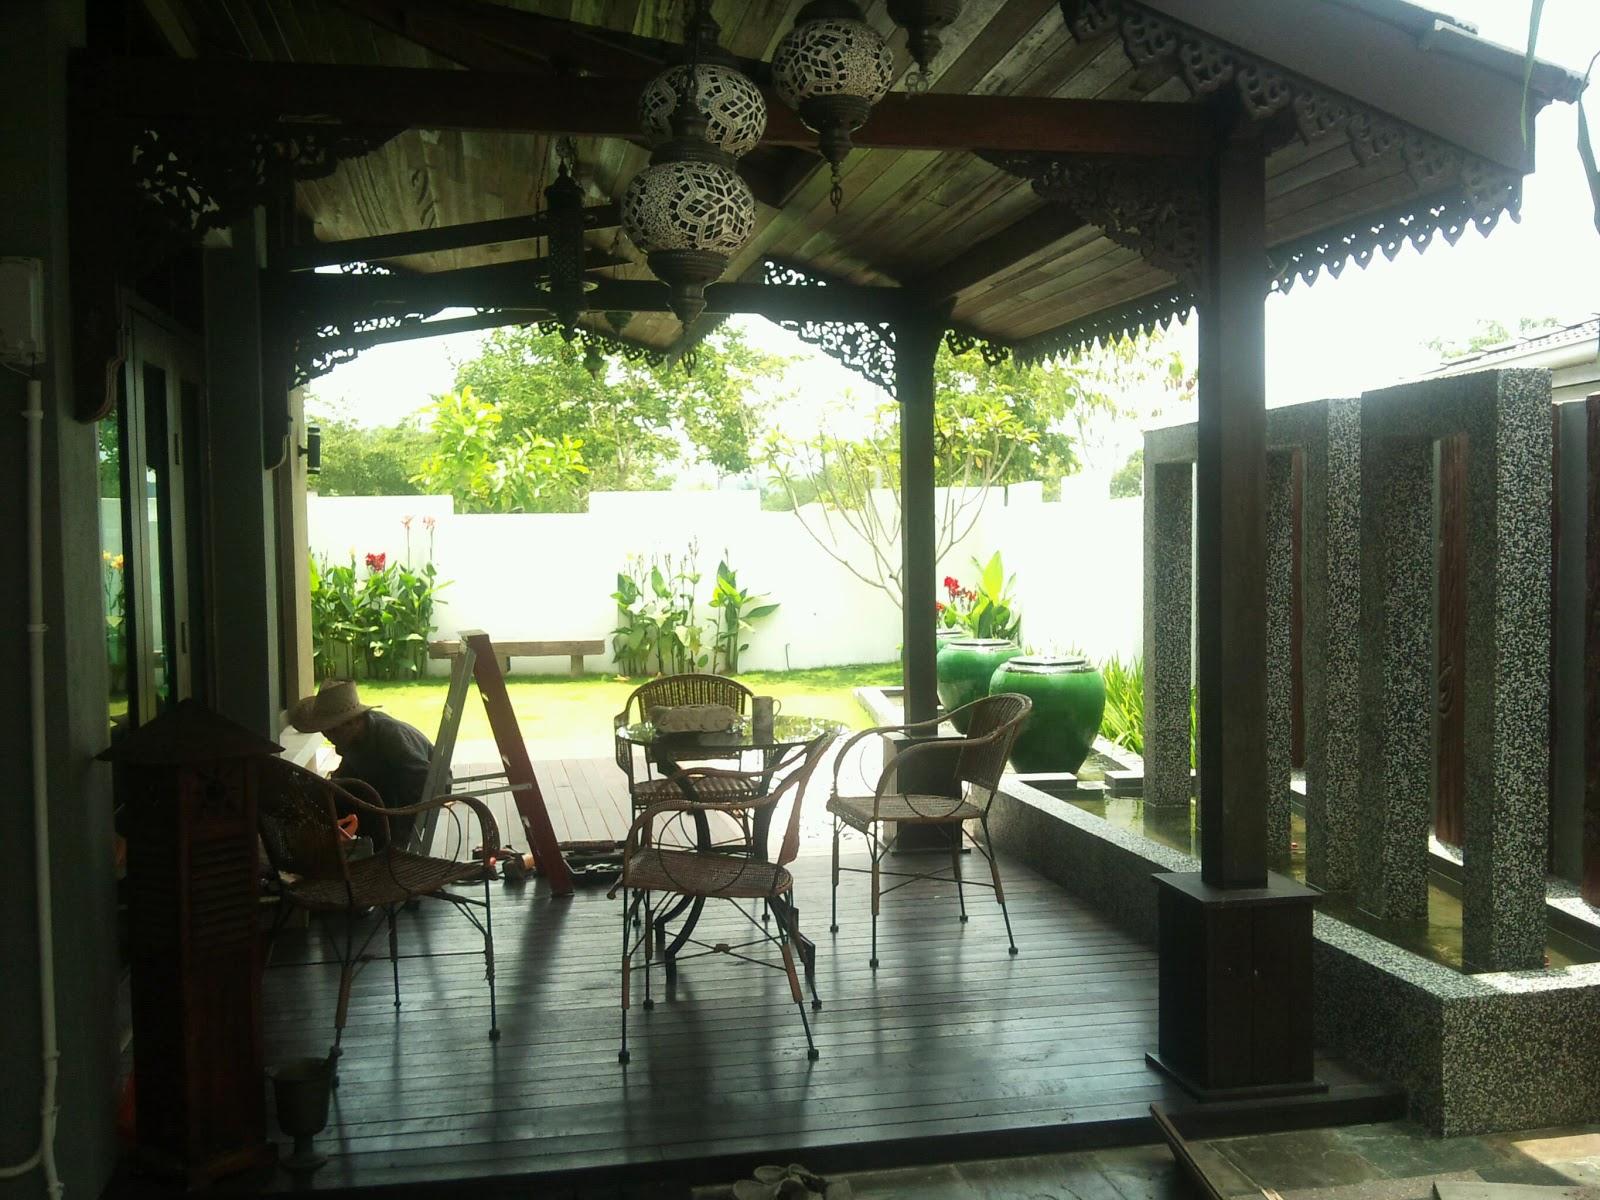 Lokasi kediaman : no 17 villa suria, sunway alam suria, puncak perdana